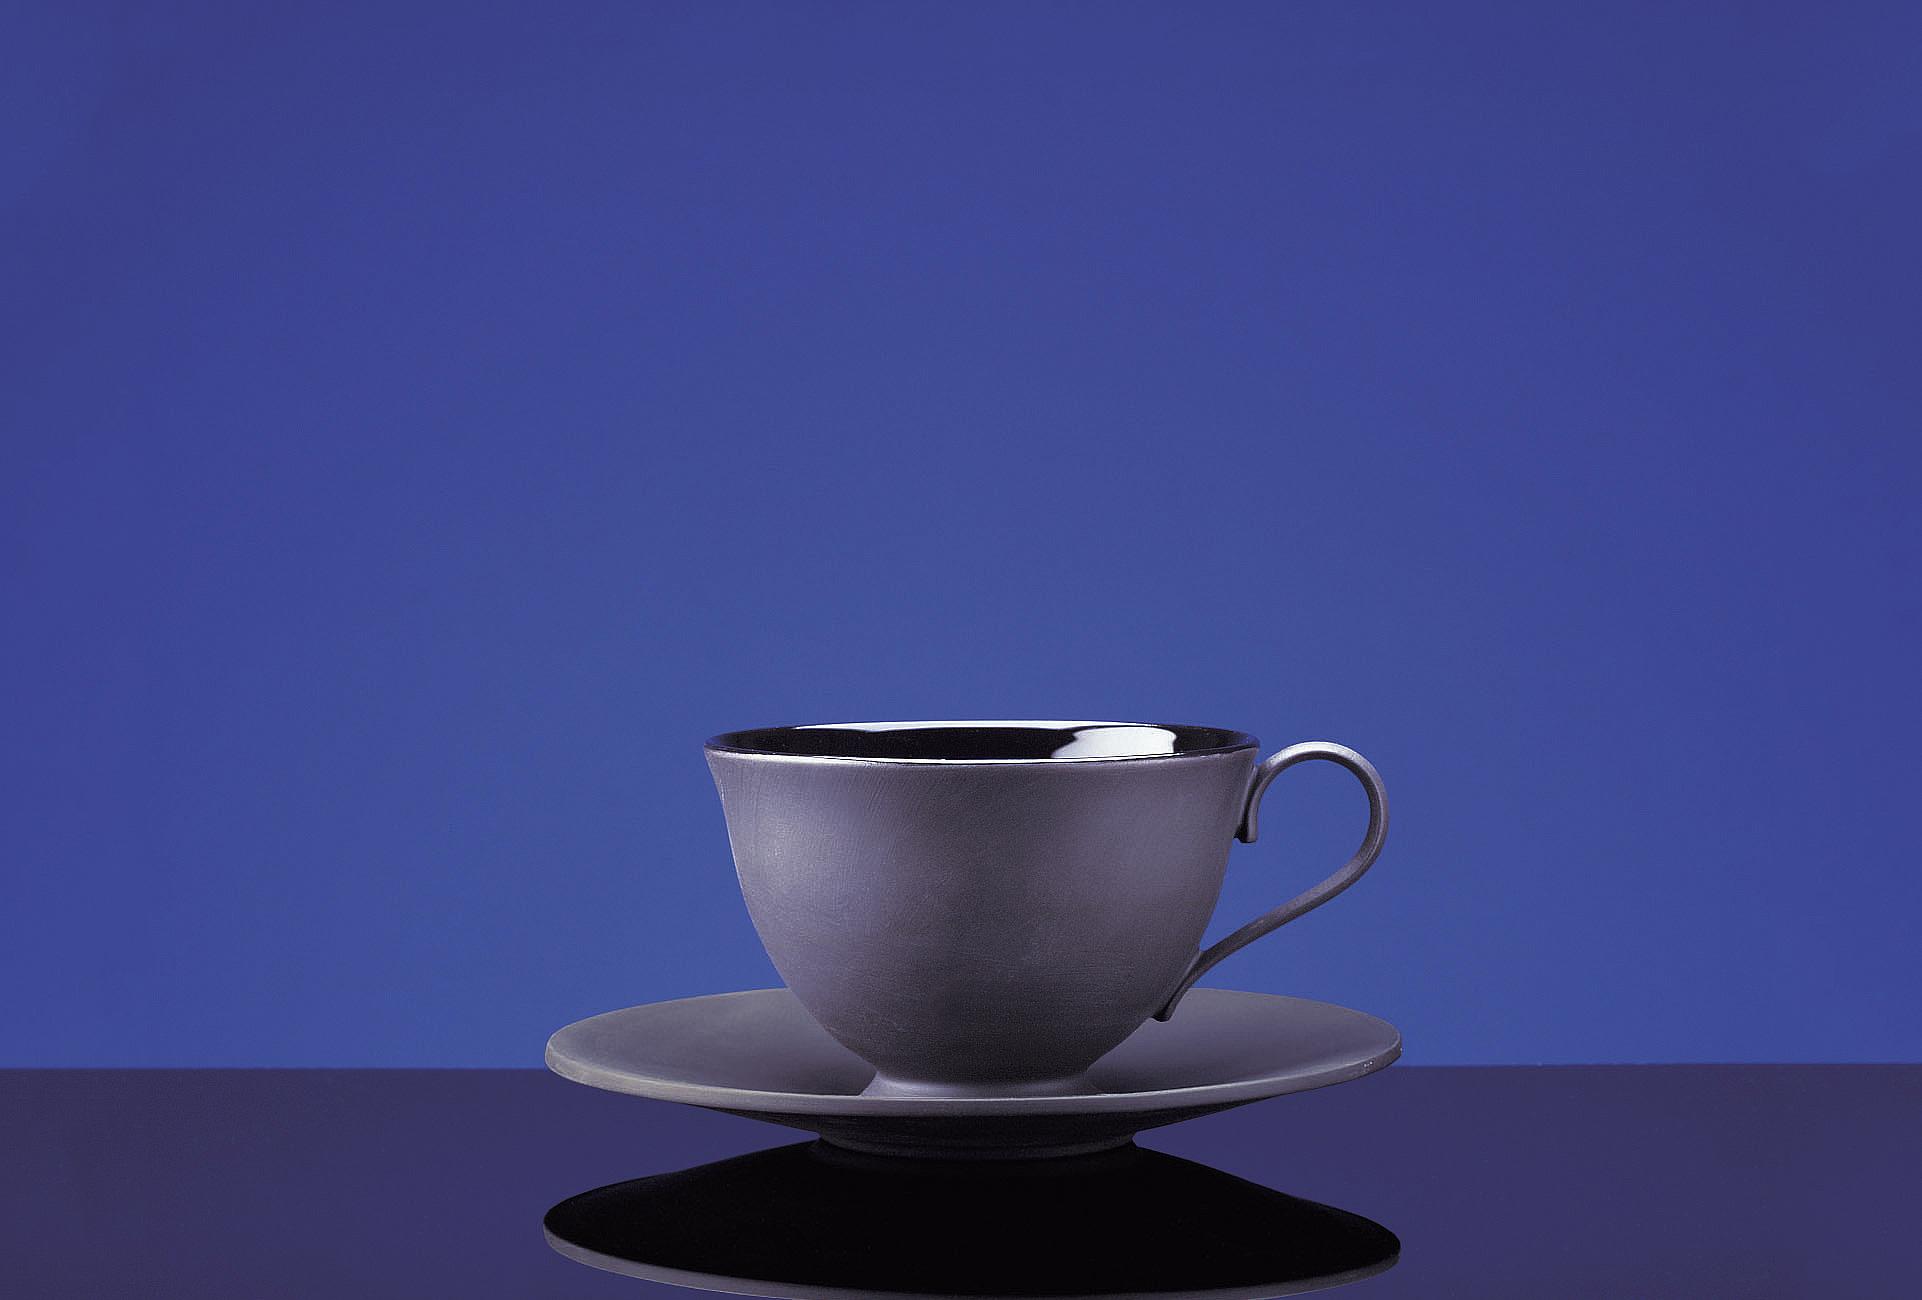 ww-teacup